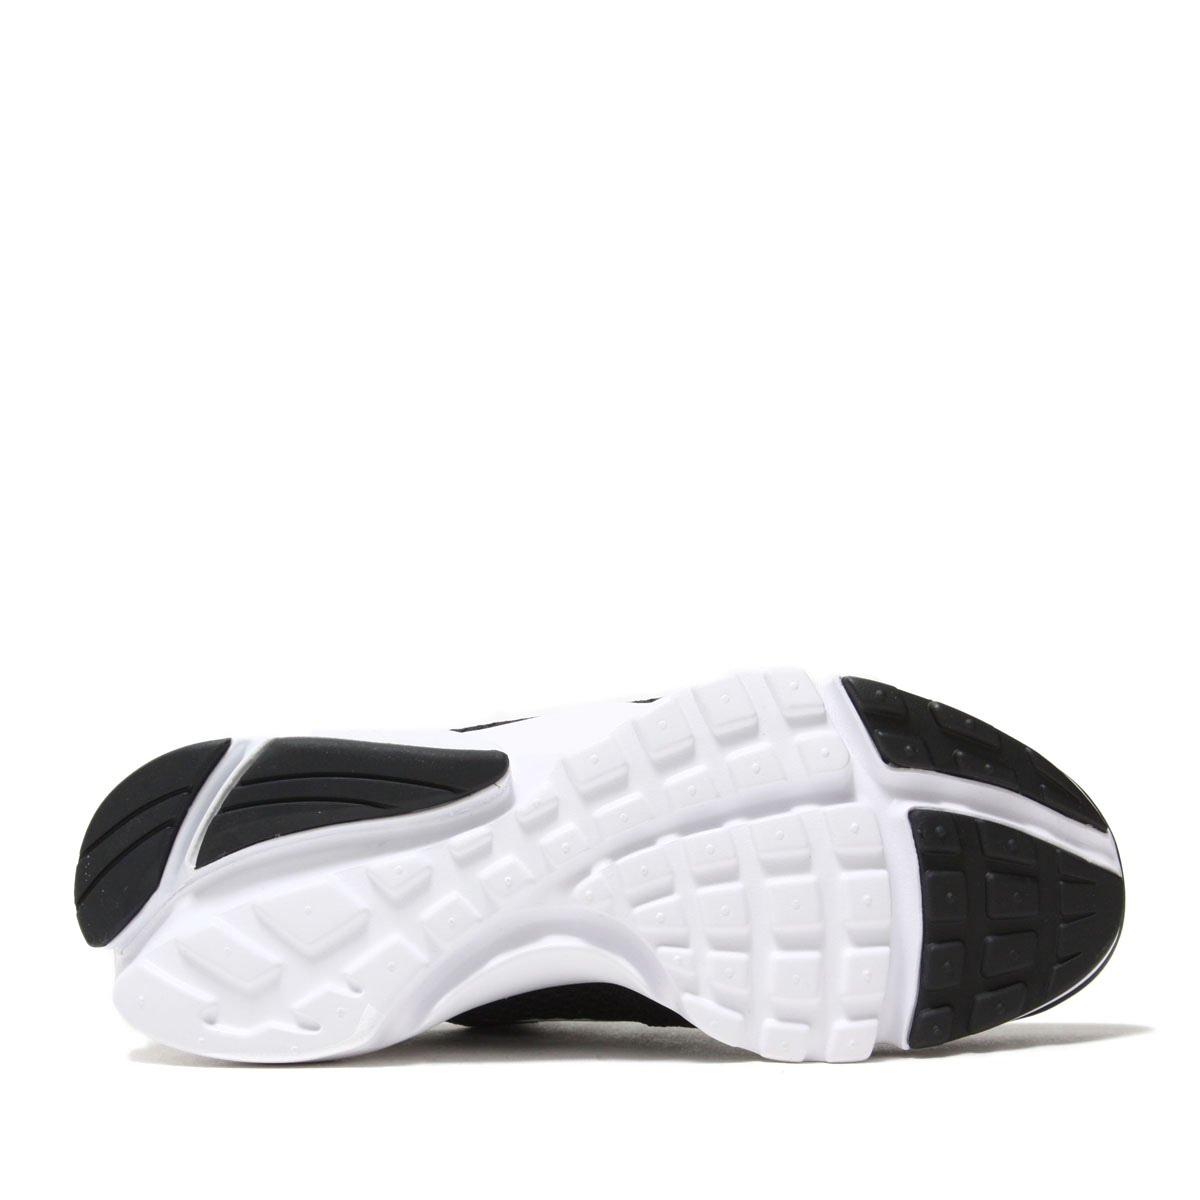 167357038772b NIKE WMNS PRESTO FLY (Nike women presto fly) BLACK WHITE-WHITE-BLACK 18SP-I